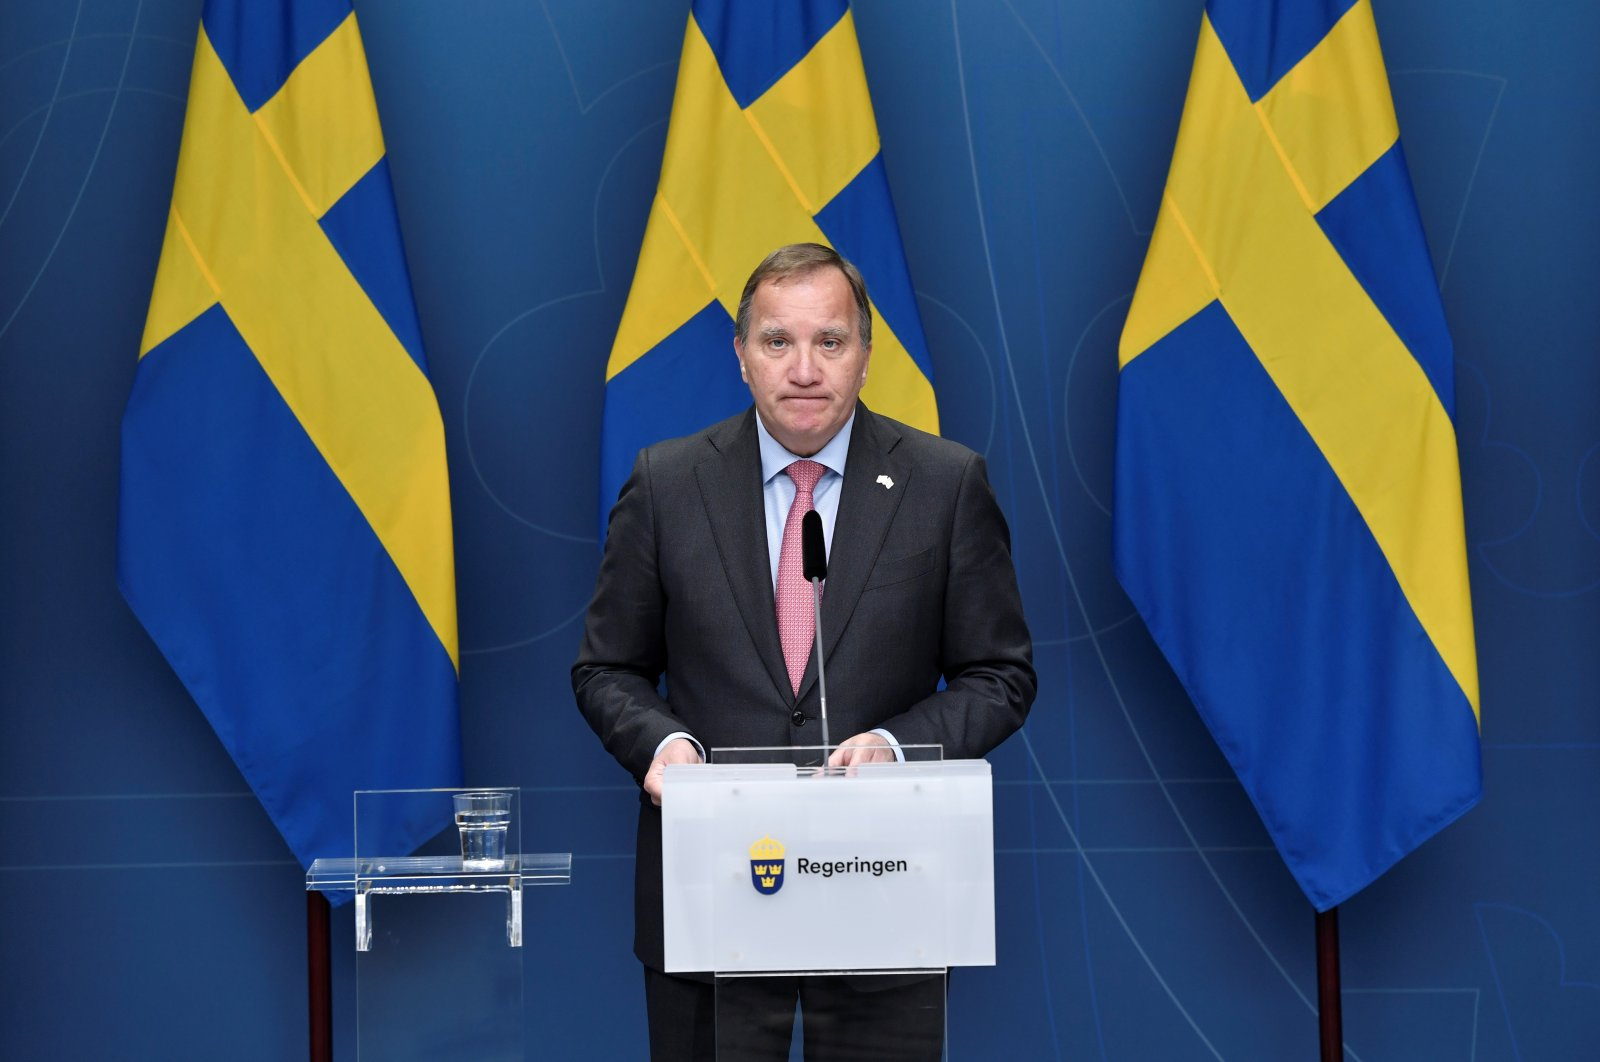 Swedish Prime Minister Stefan Lofven holds a news conference at Rosenbad in Stockholm, Sweden, June 28, 2021. (Reuters Photo)